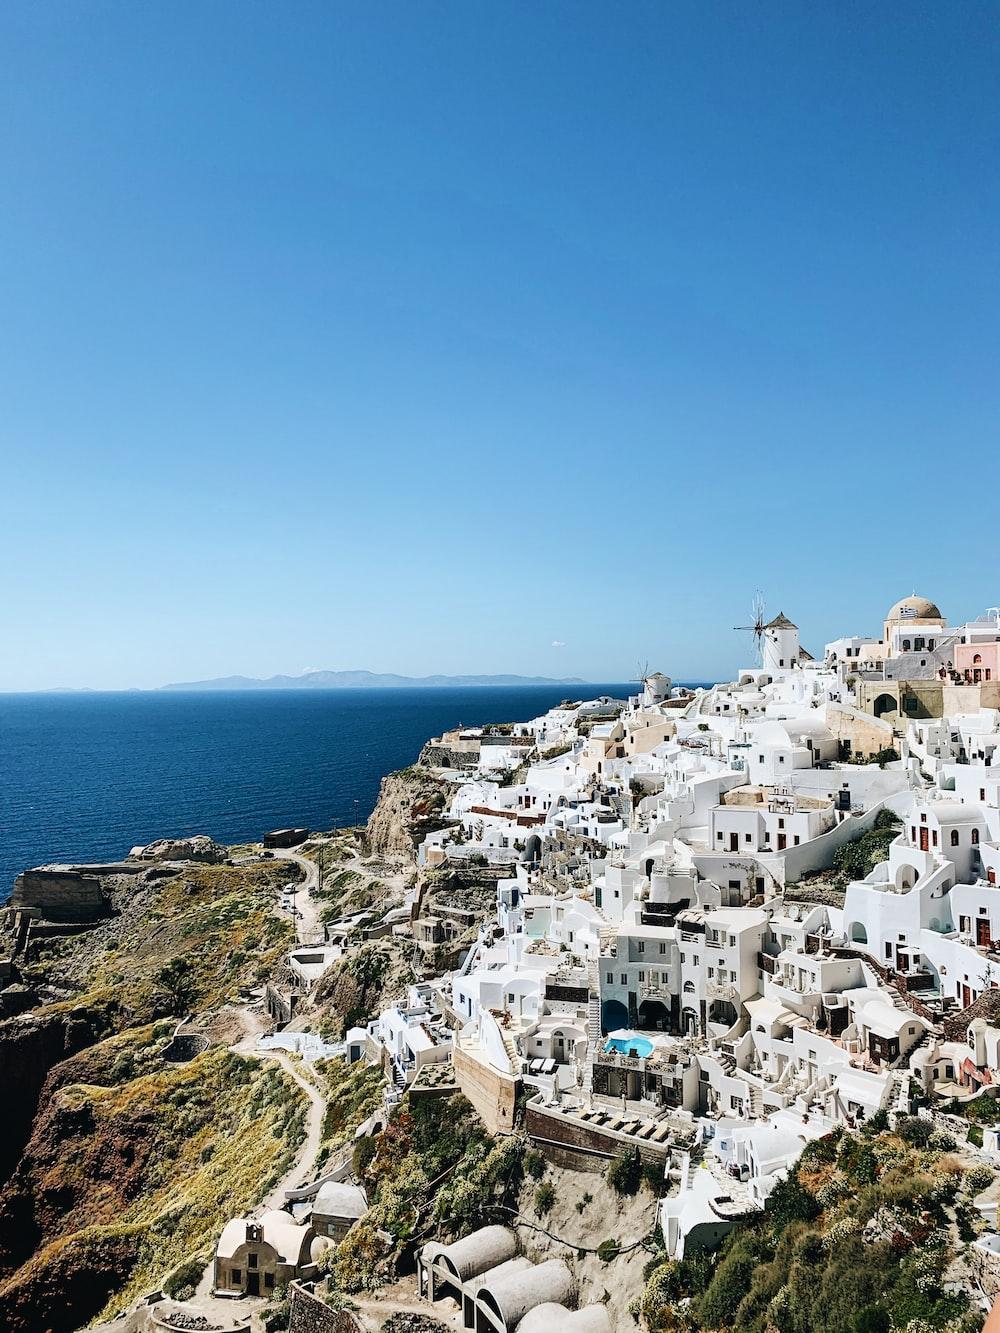 white concrete houses on mountain near sea during daytime